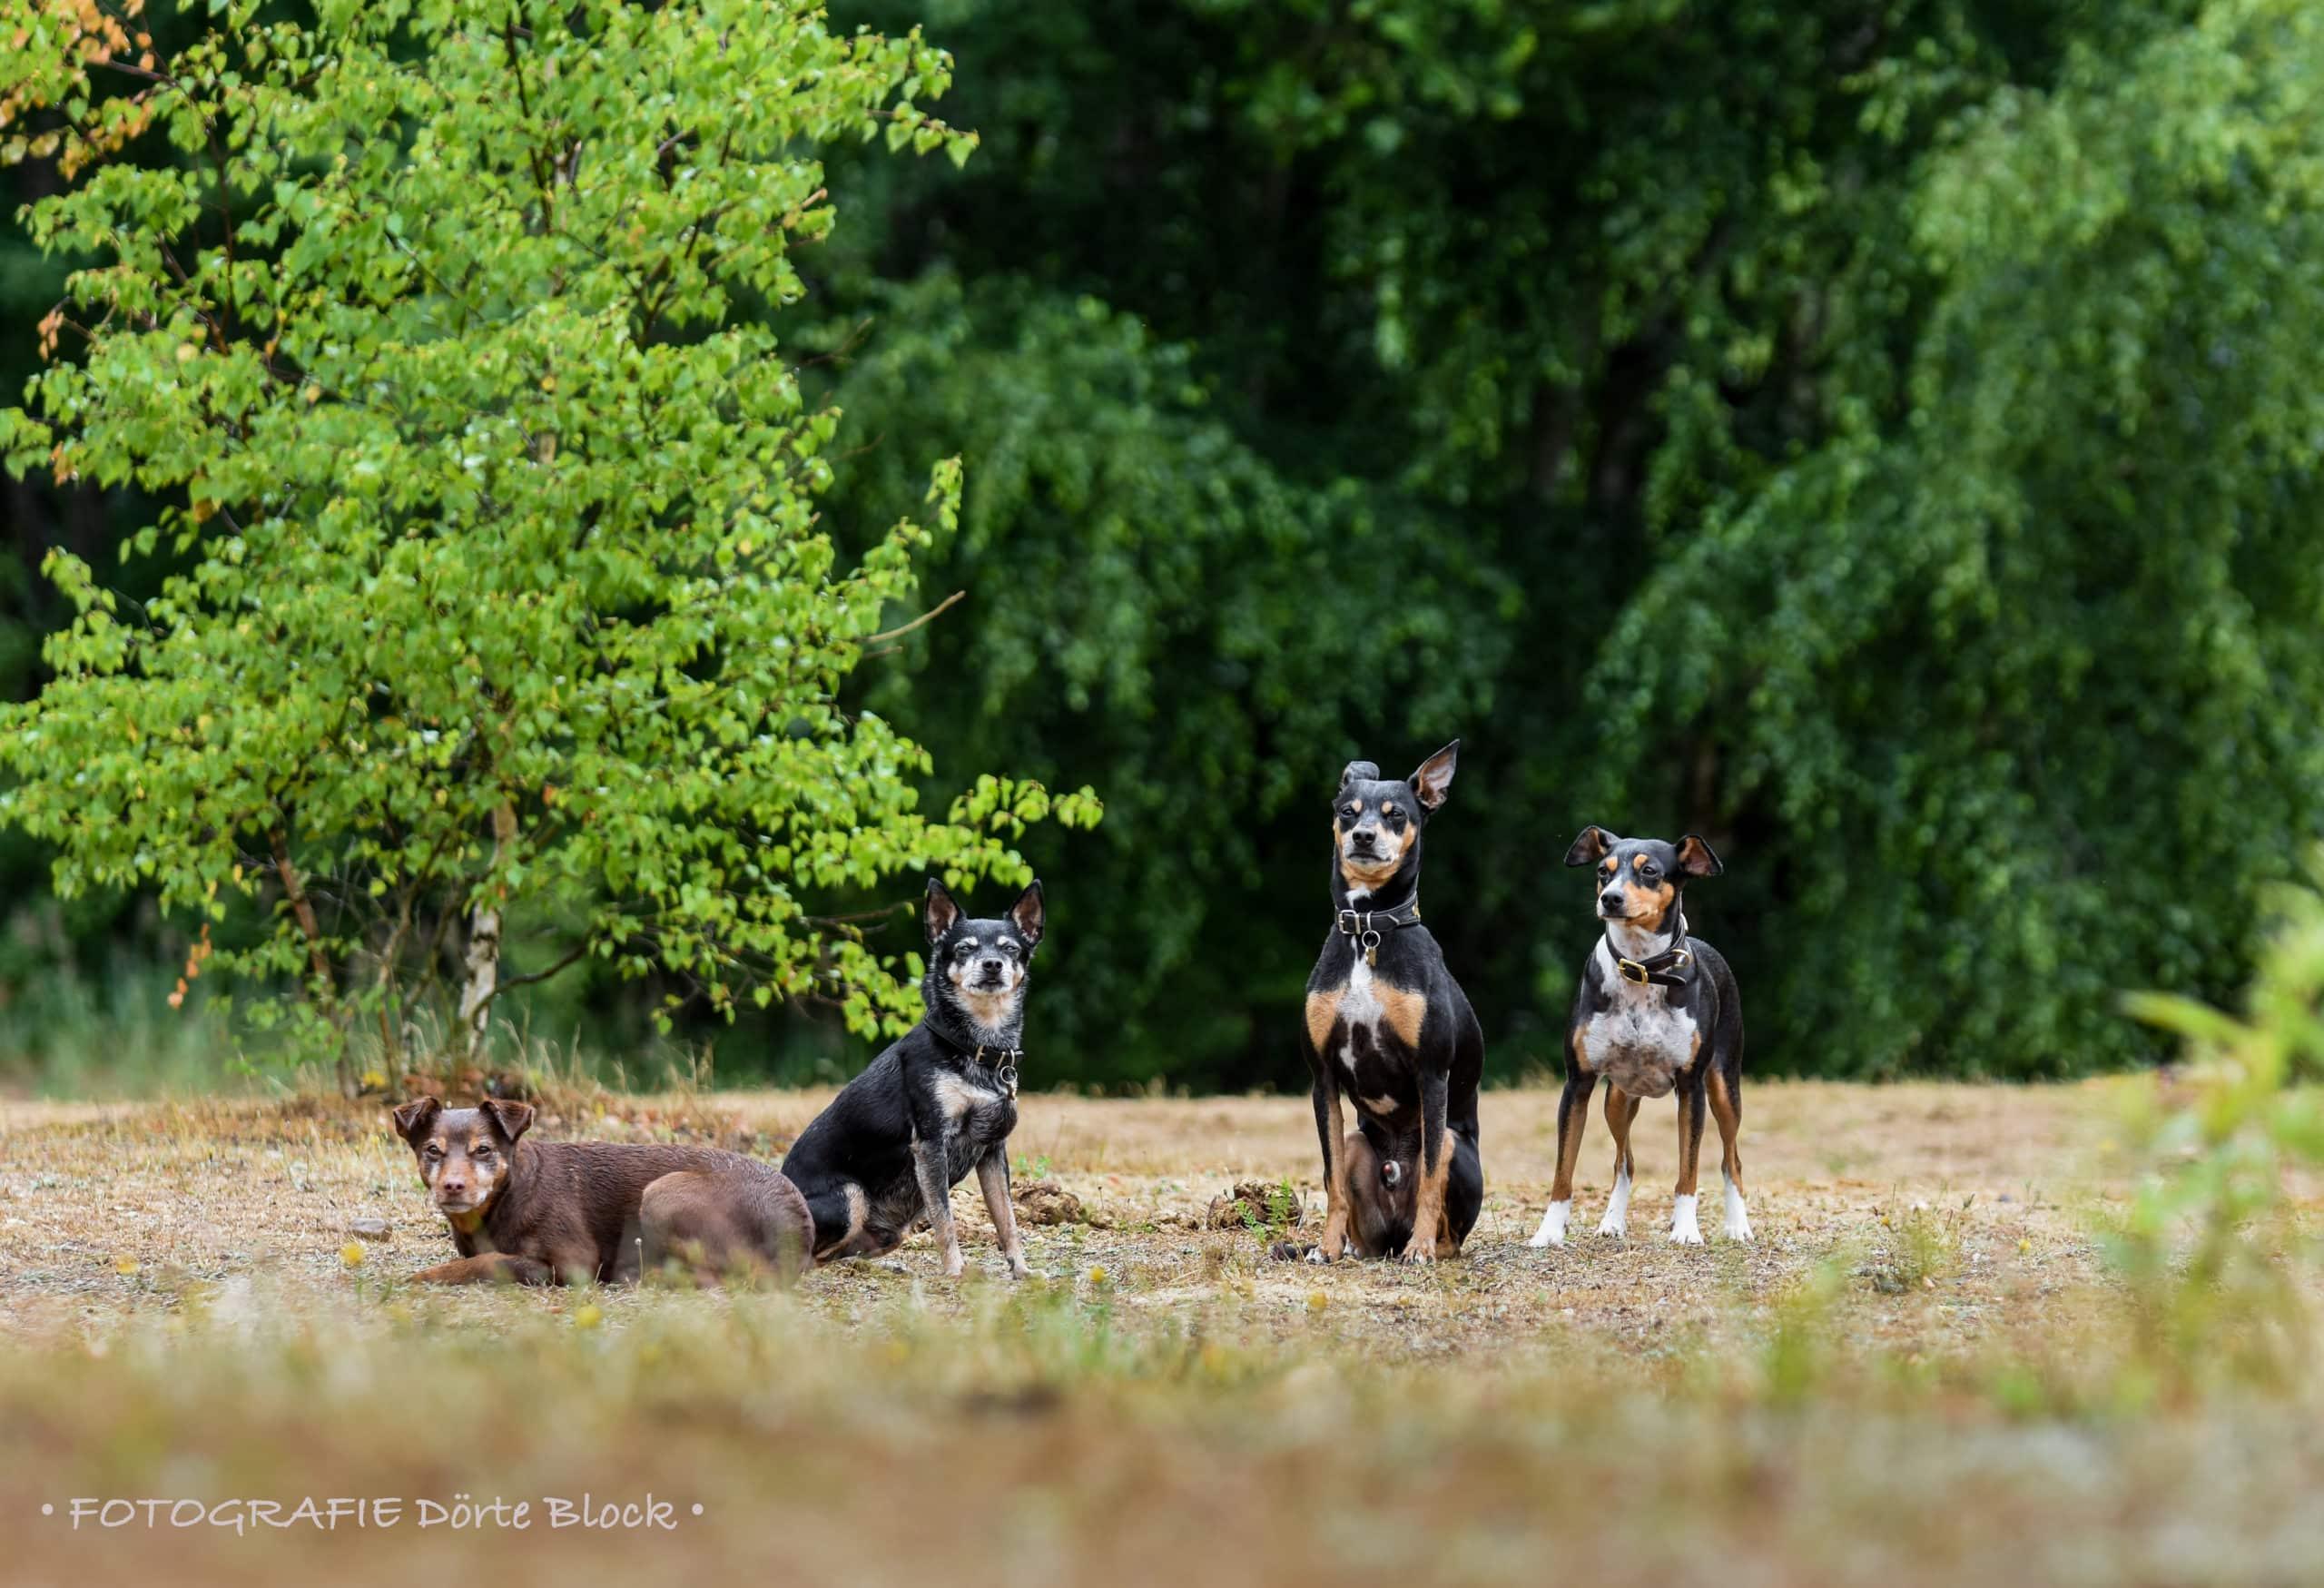 Vier Ratero Mallorquin Hunde